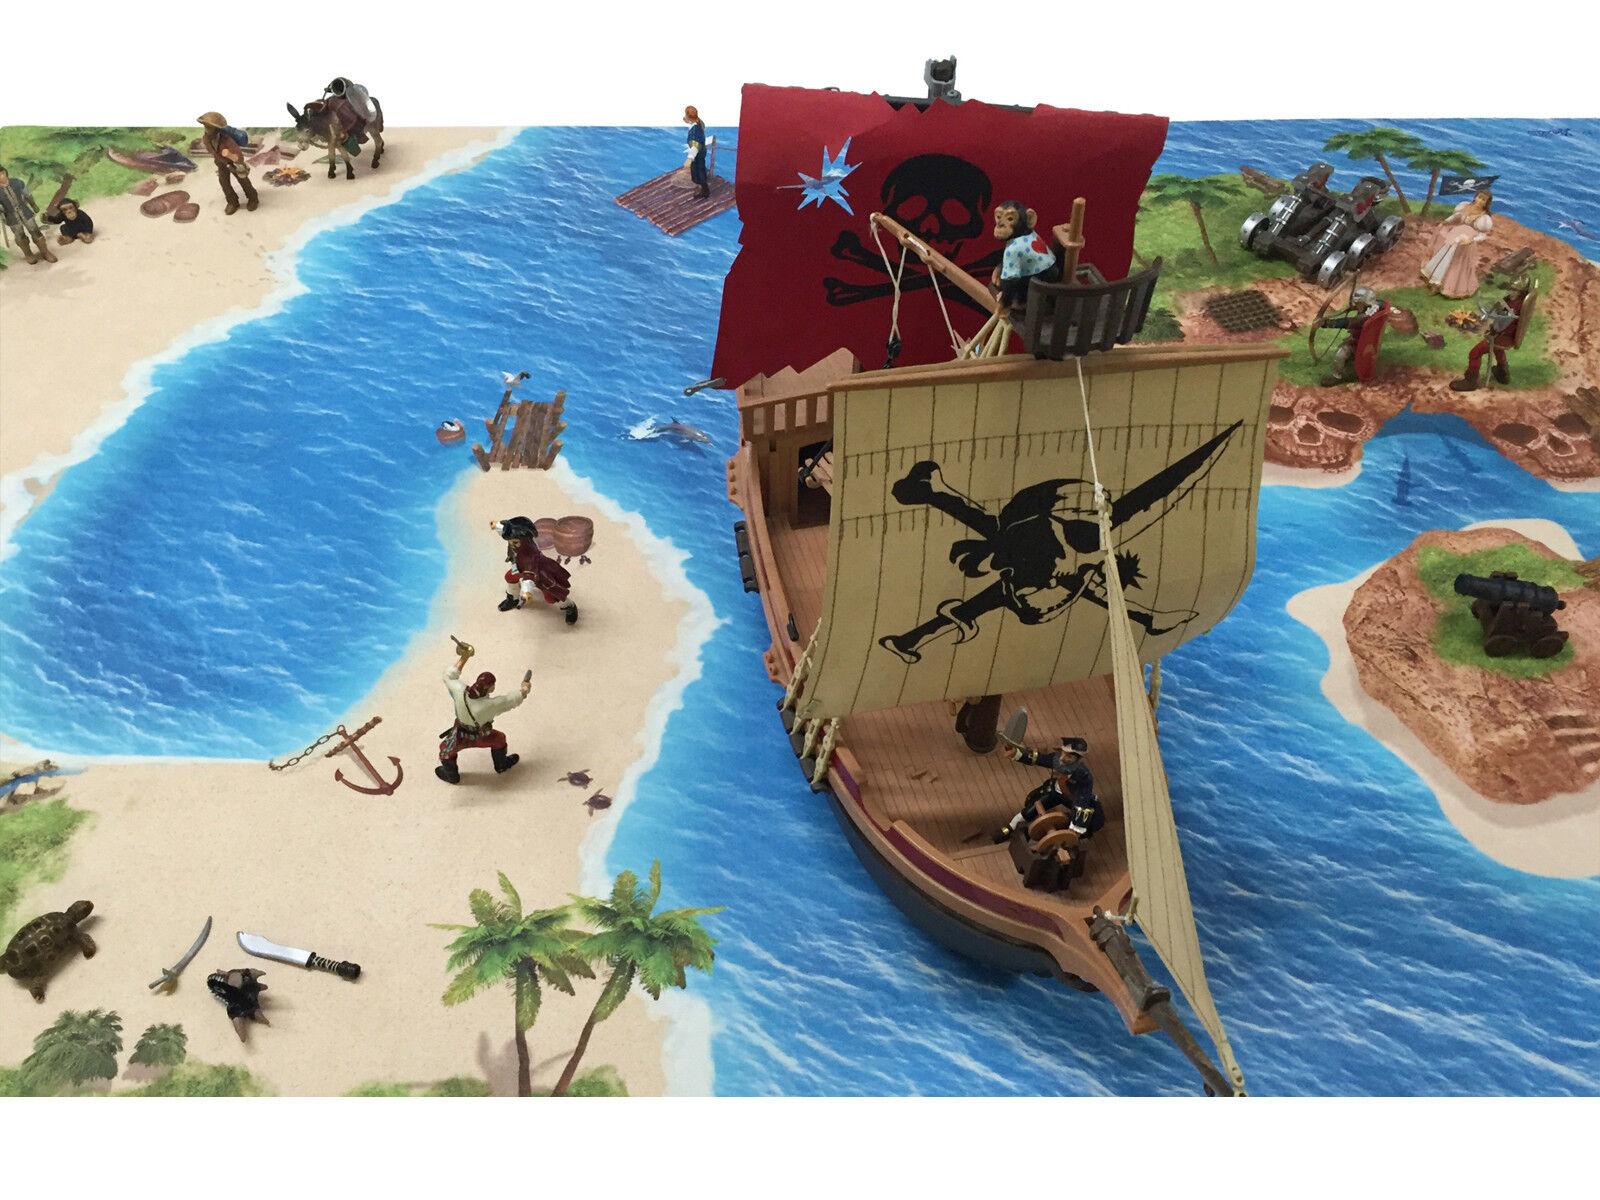 Piraten SM06 Spielmatte     Spielteppich - ca. 150 x 100 cm b45892